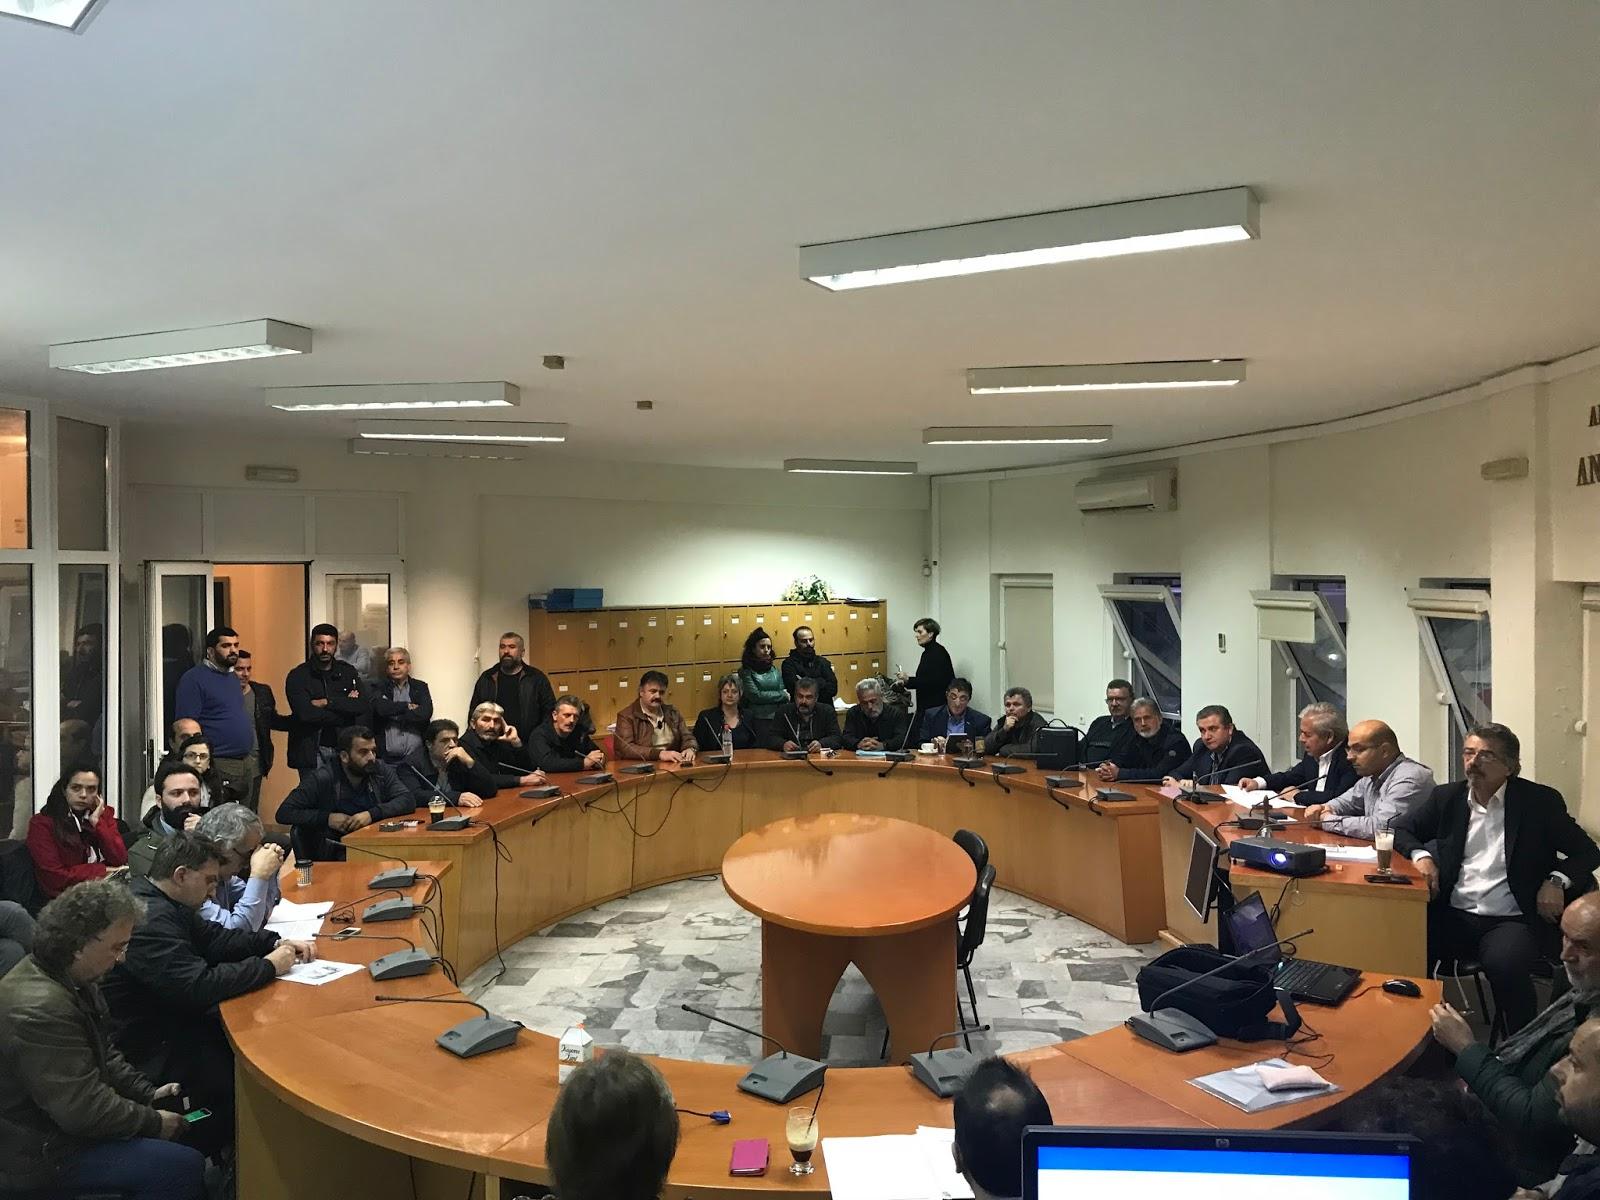 Παρουσίαση της μελέτης ανάδειξης των οικισμών του Δήμου Μαλεβιζίου ως παραδοσιακών στην Τύλισο